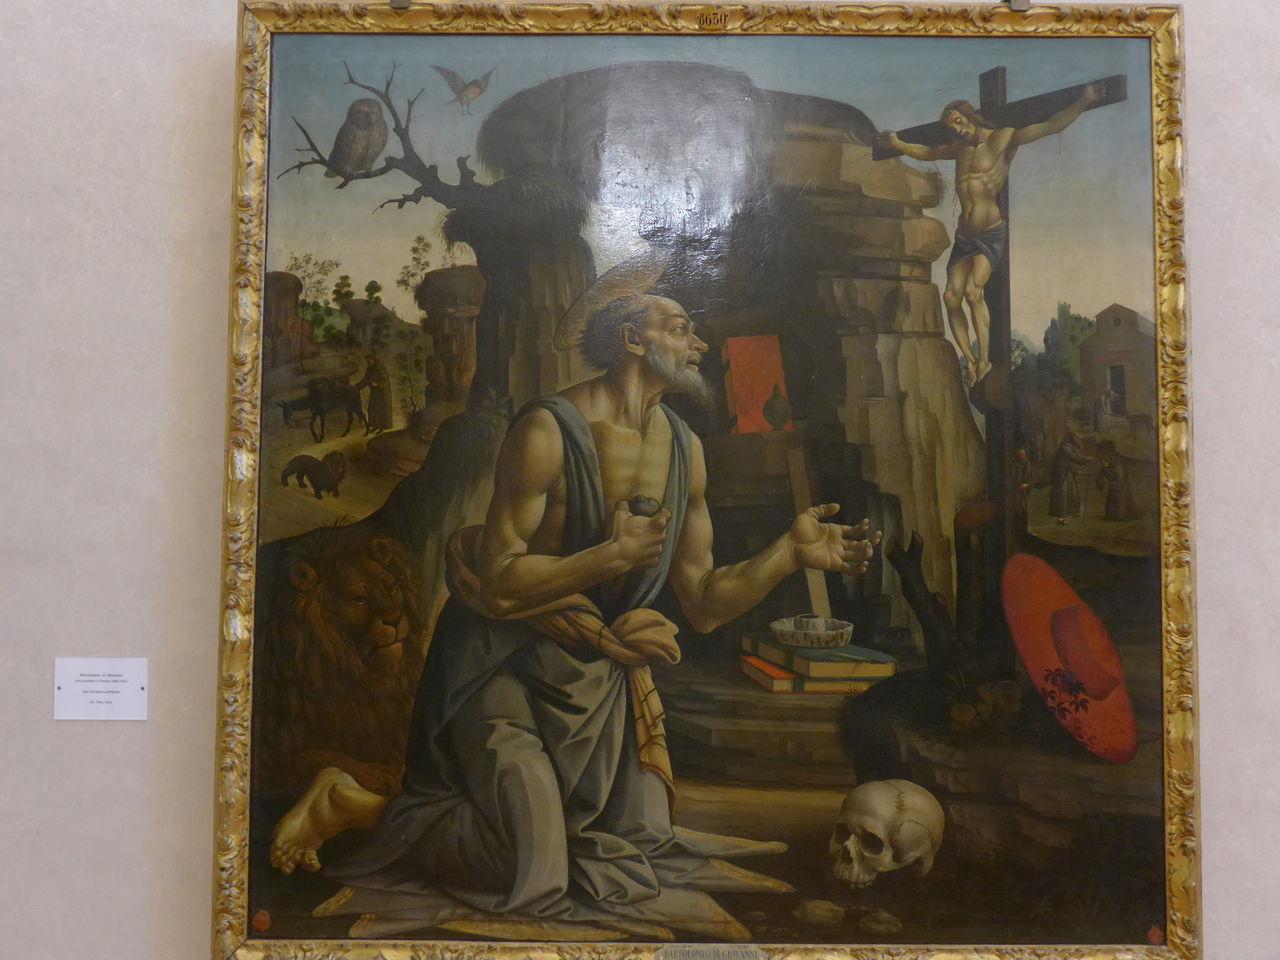 17世紀フィレンツェ派の画家